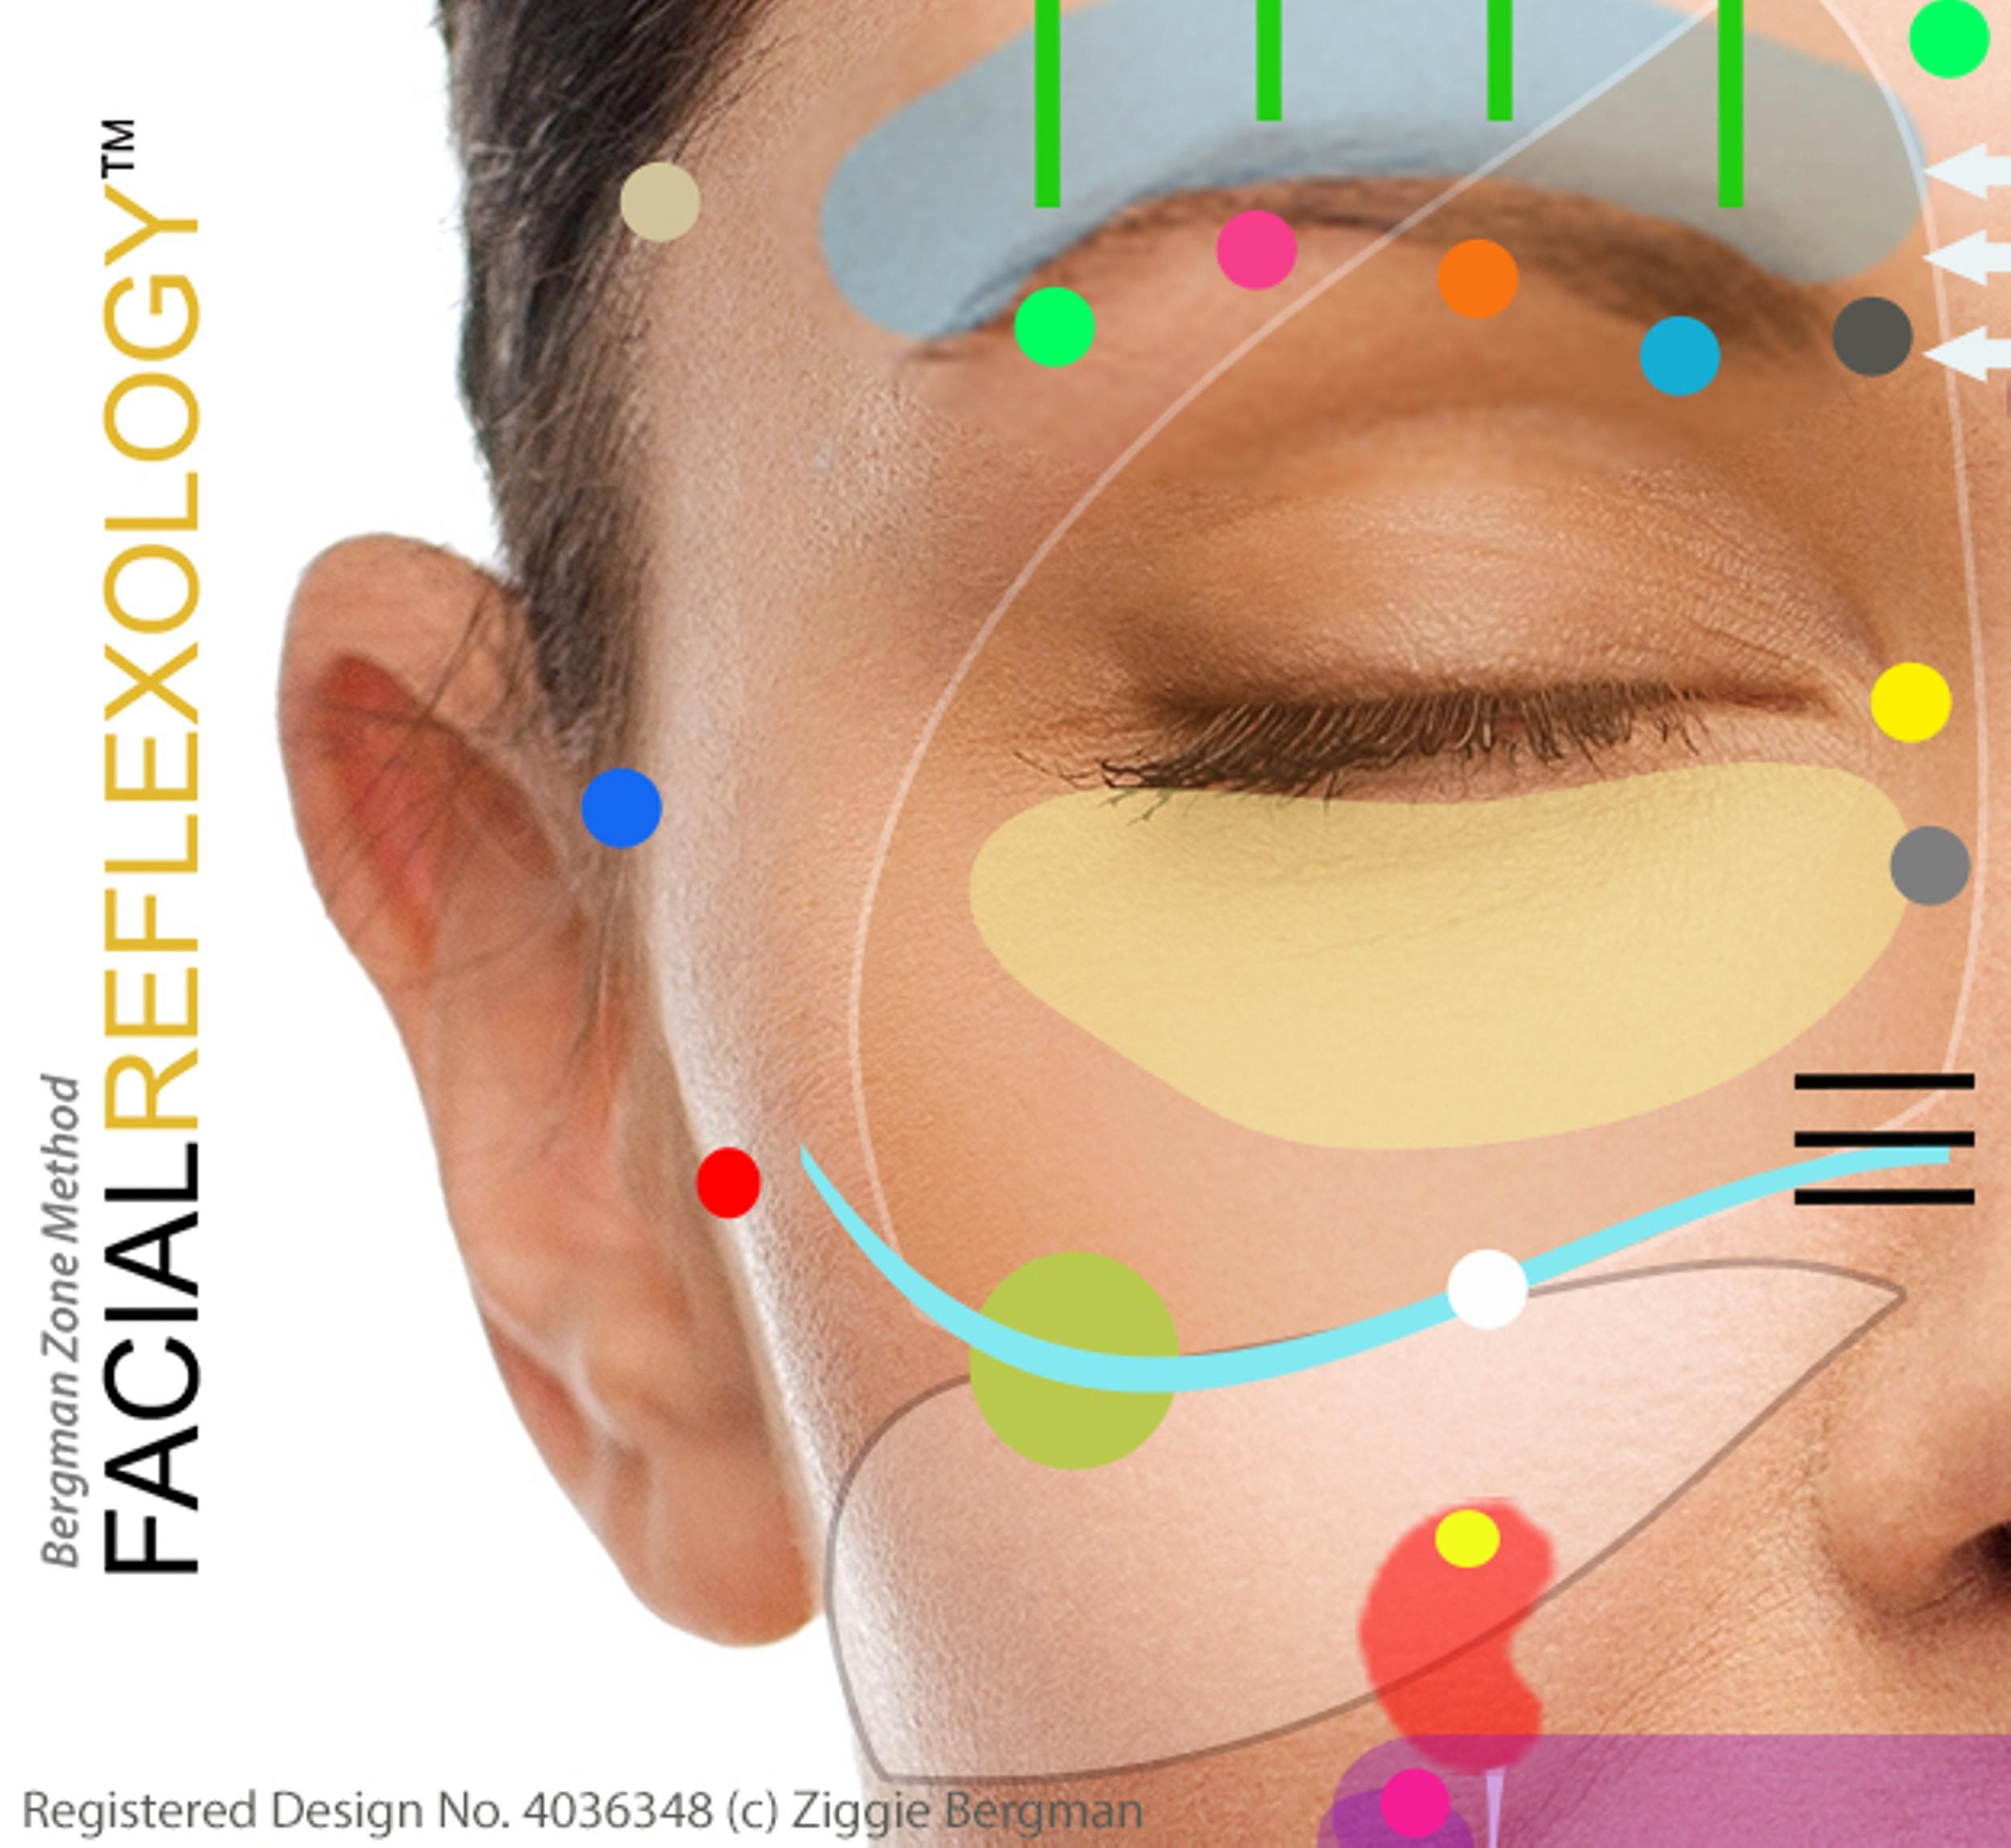 Facial Reflexology / ZFL online